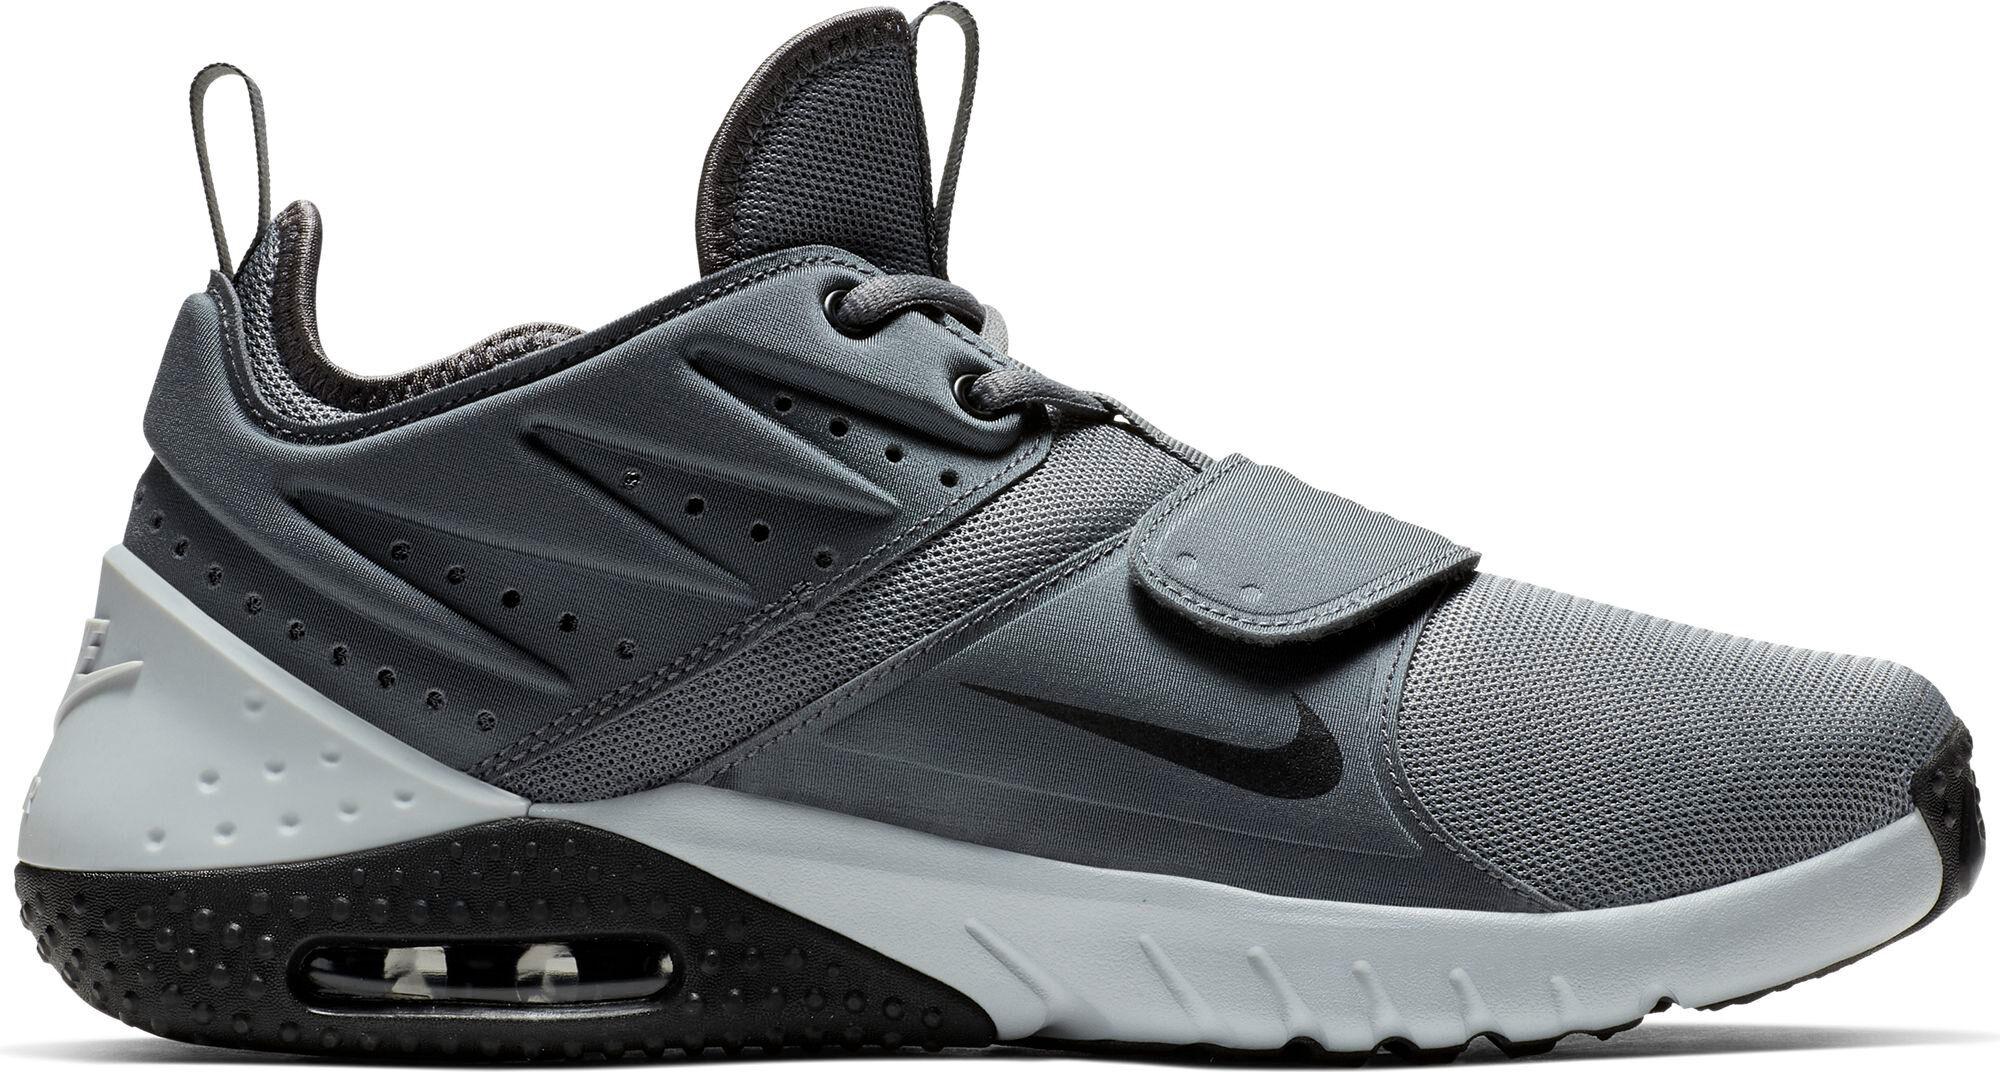 Nike Férfi Kosárlabda Cipő | Széles választék és a legjobb